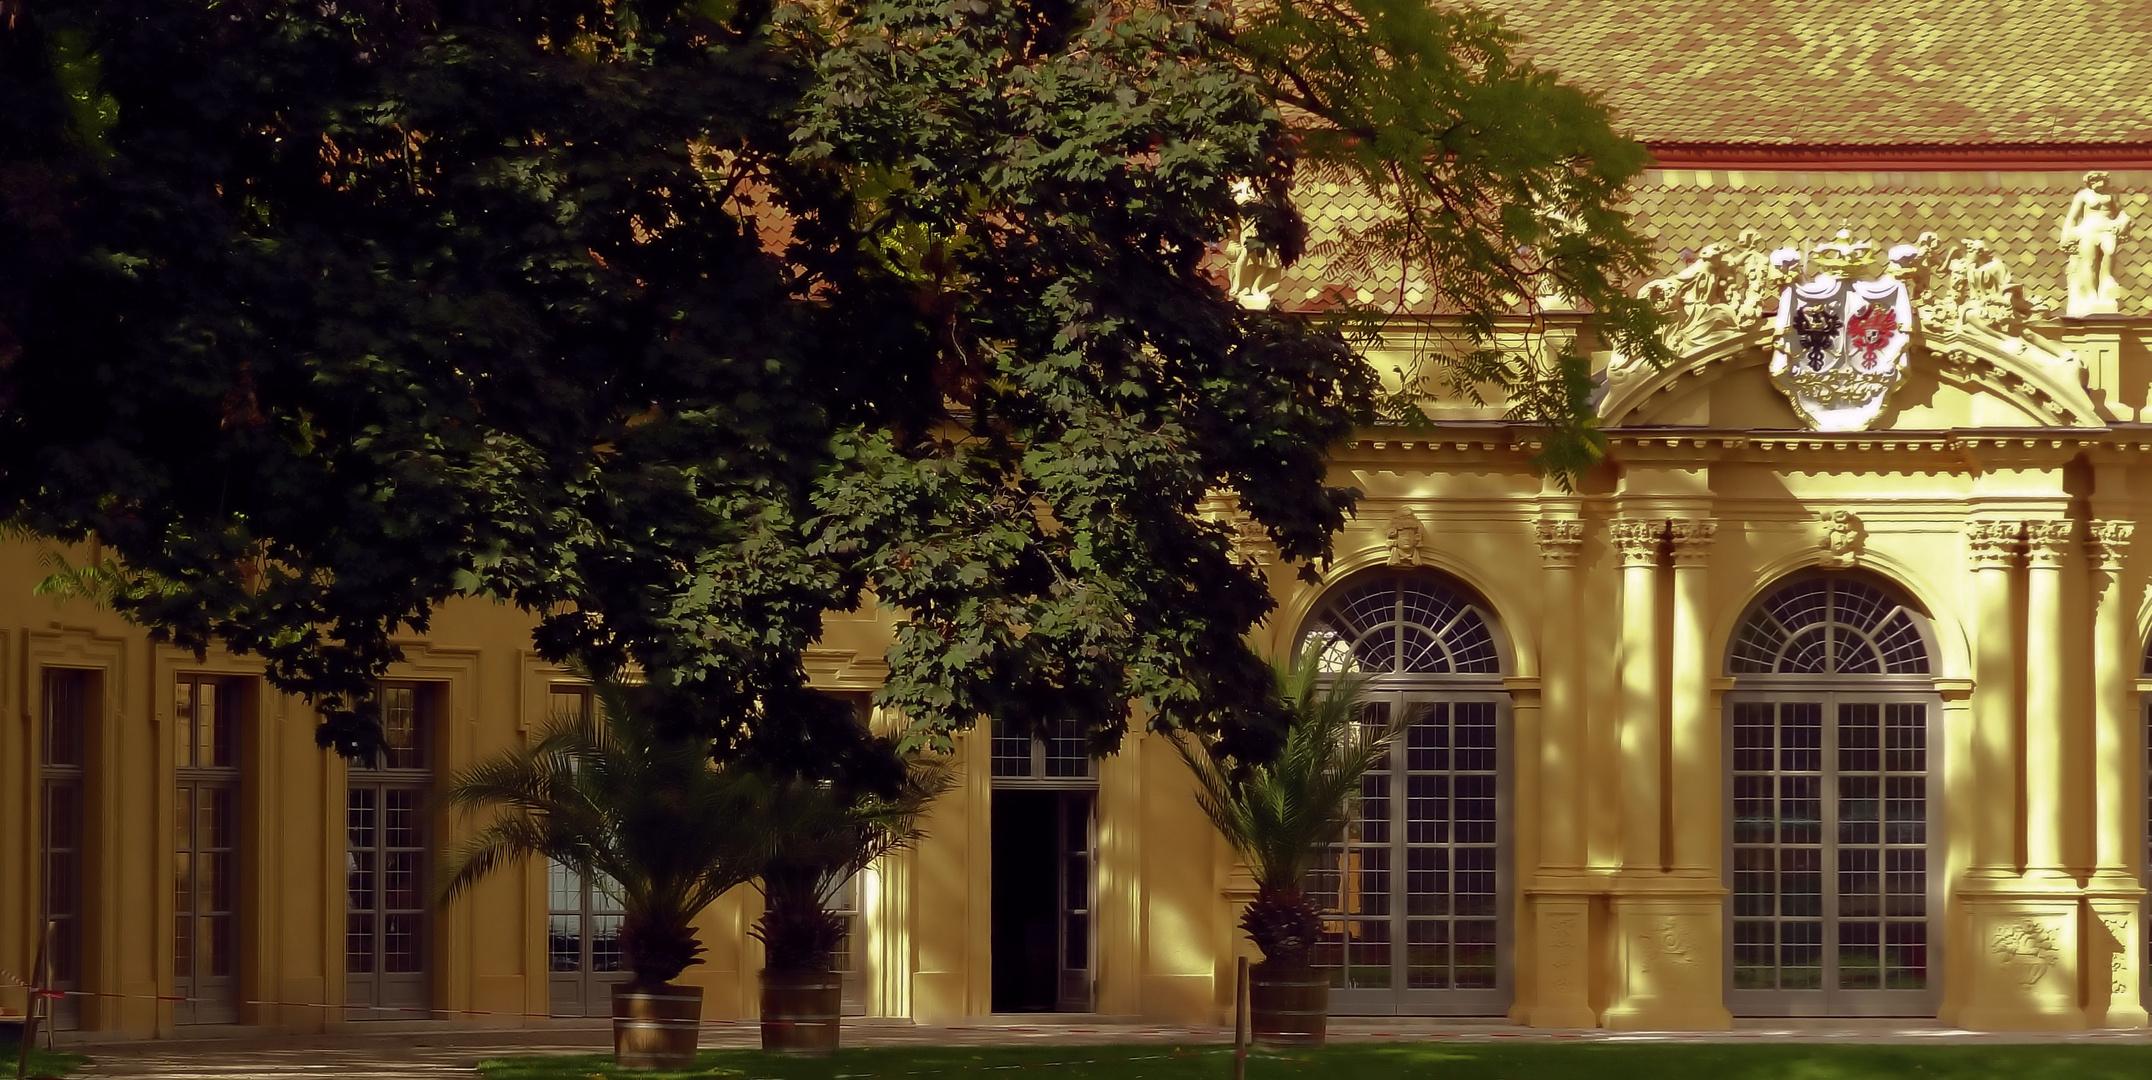 renovierte orangerie im erlanger schlossgarten 2